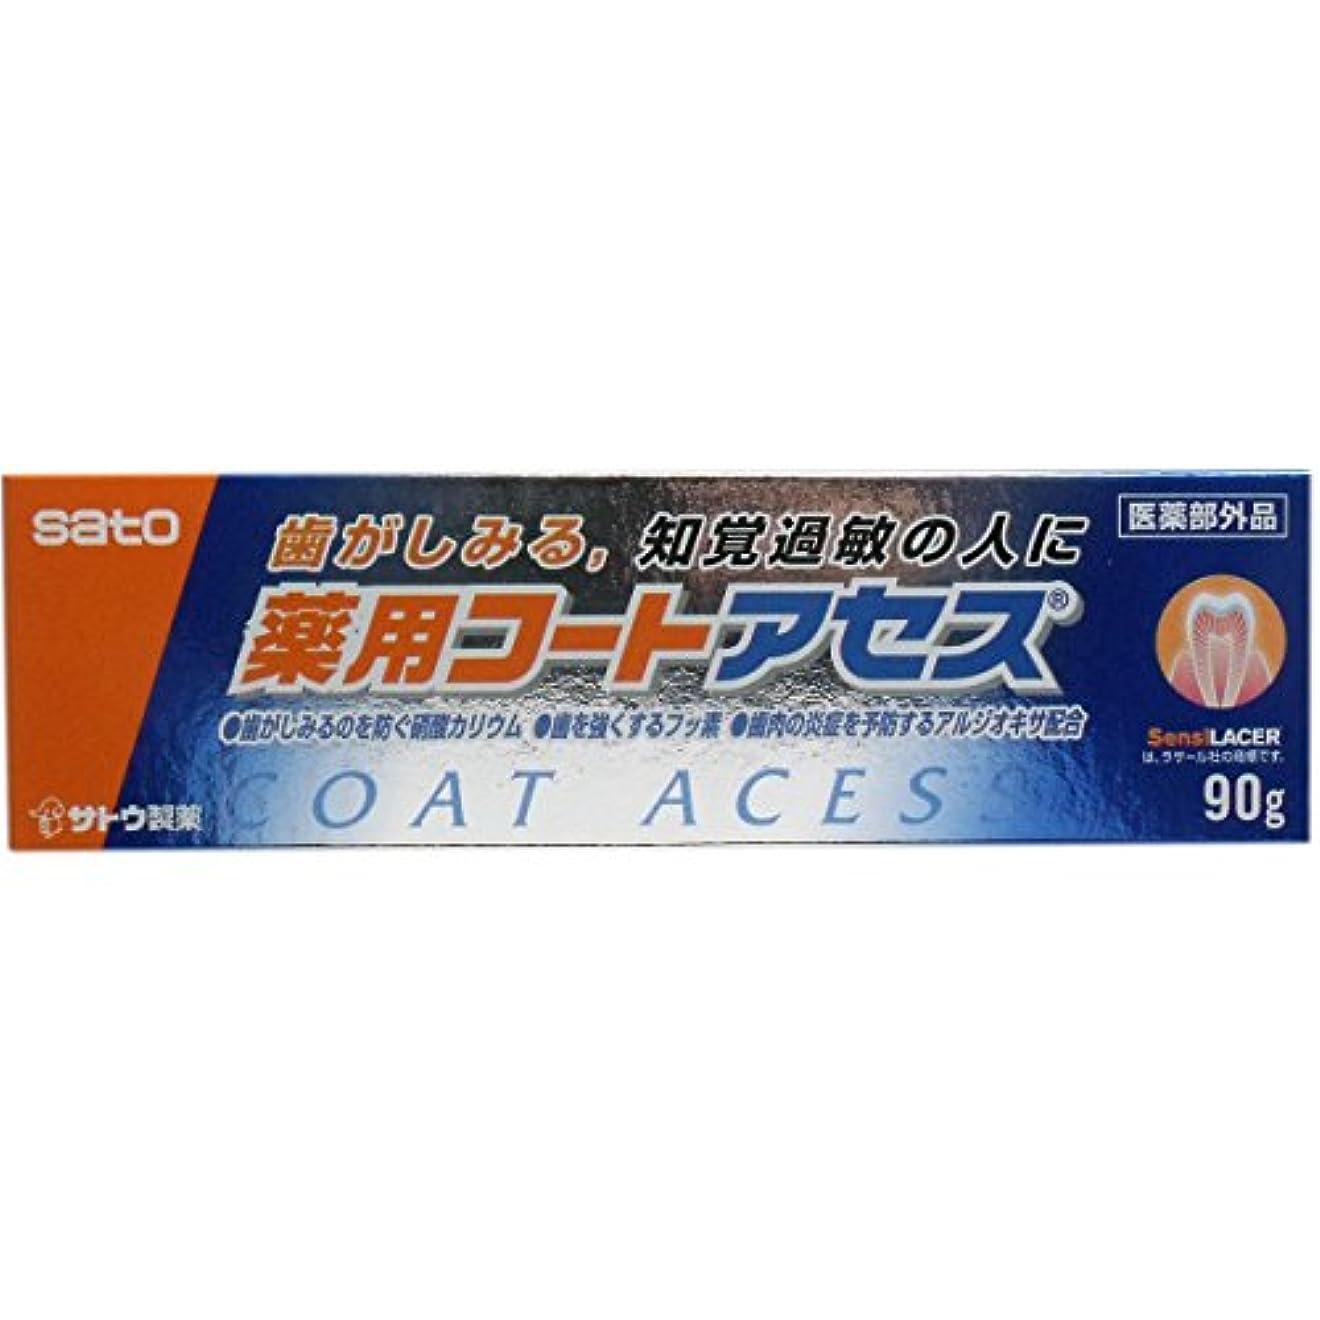 毛布迷惑トイレ薬用コートアセス 90g×(10セット)